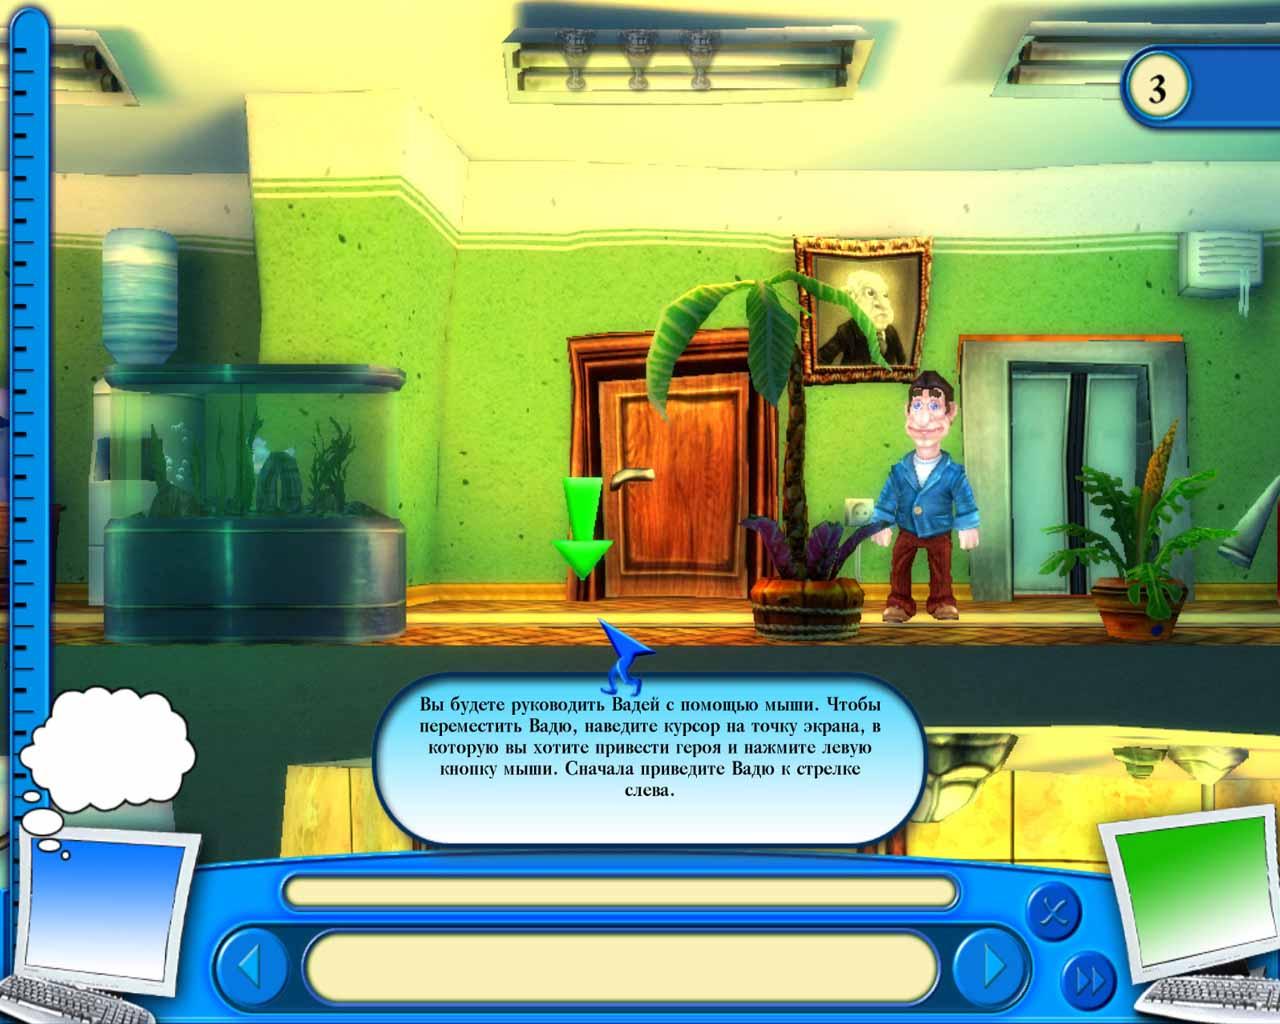 Как достать соседа 3: в офисе скачать игру бесплатно полная версия.